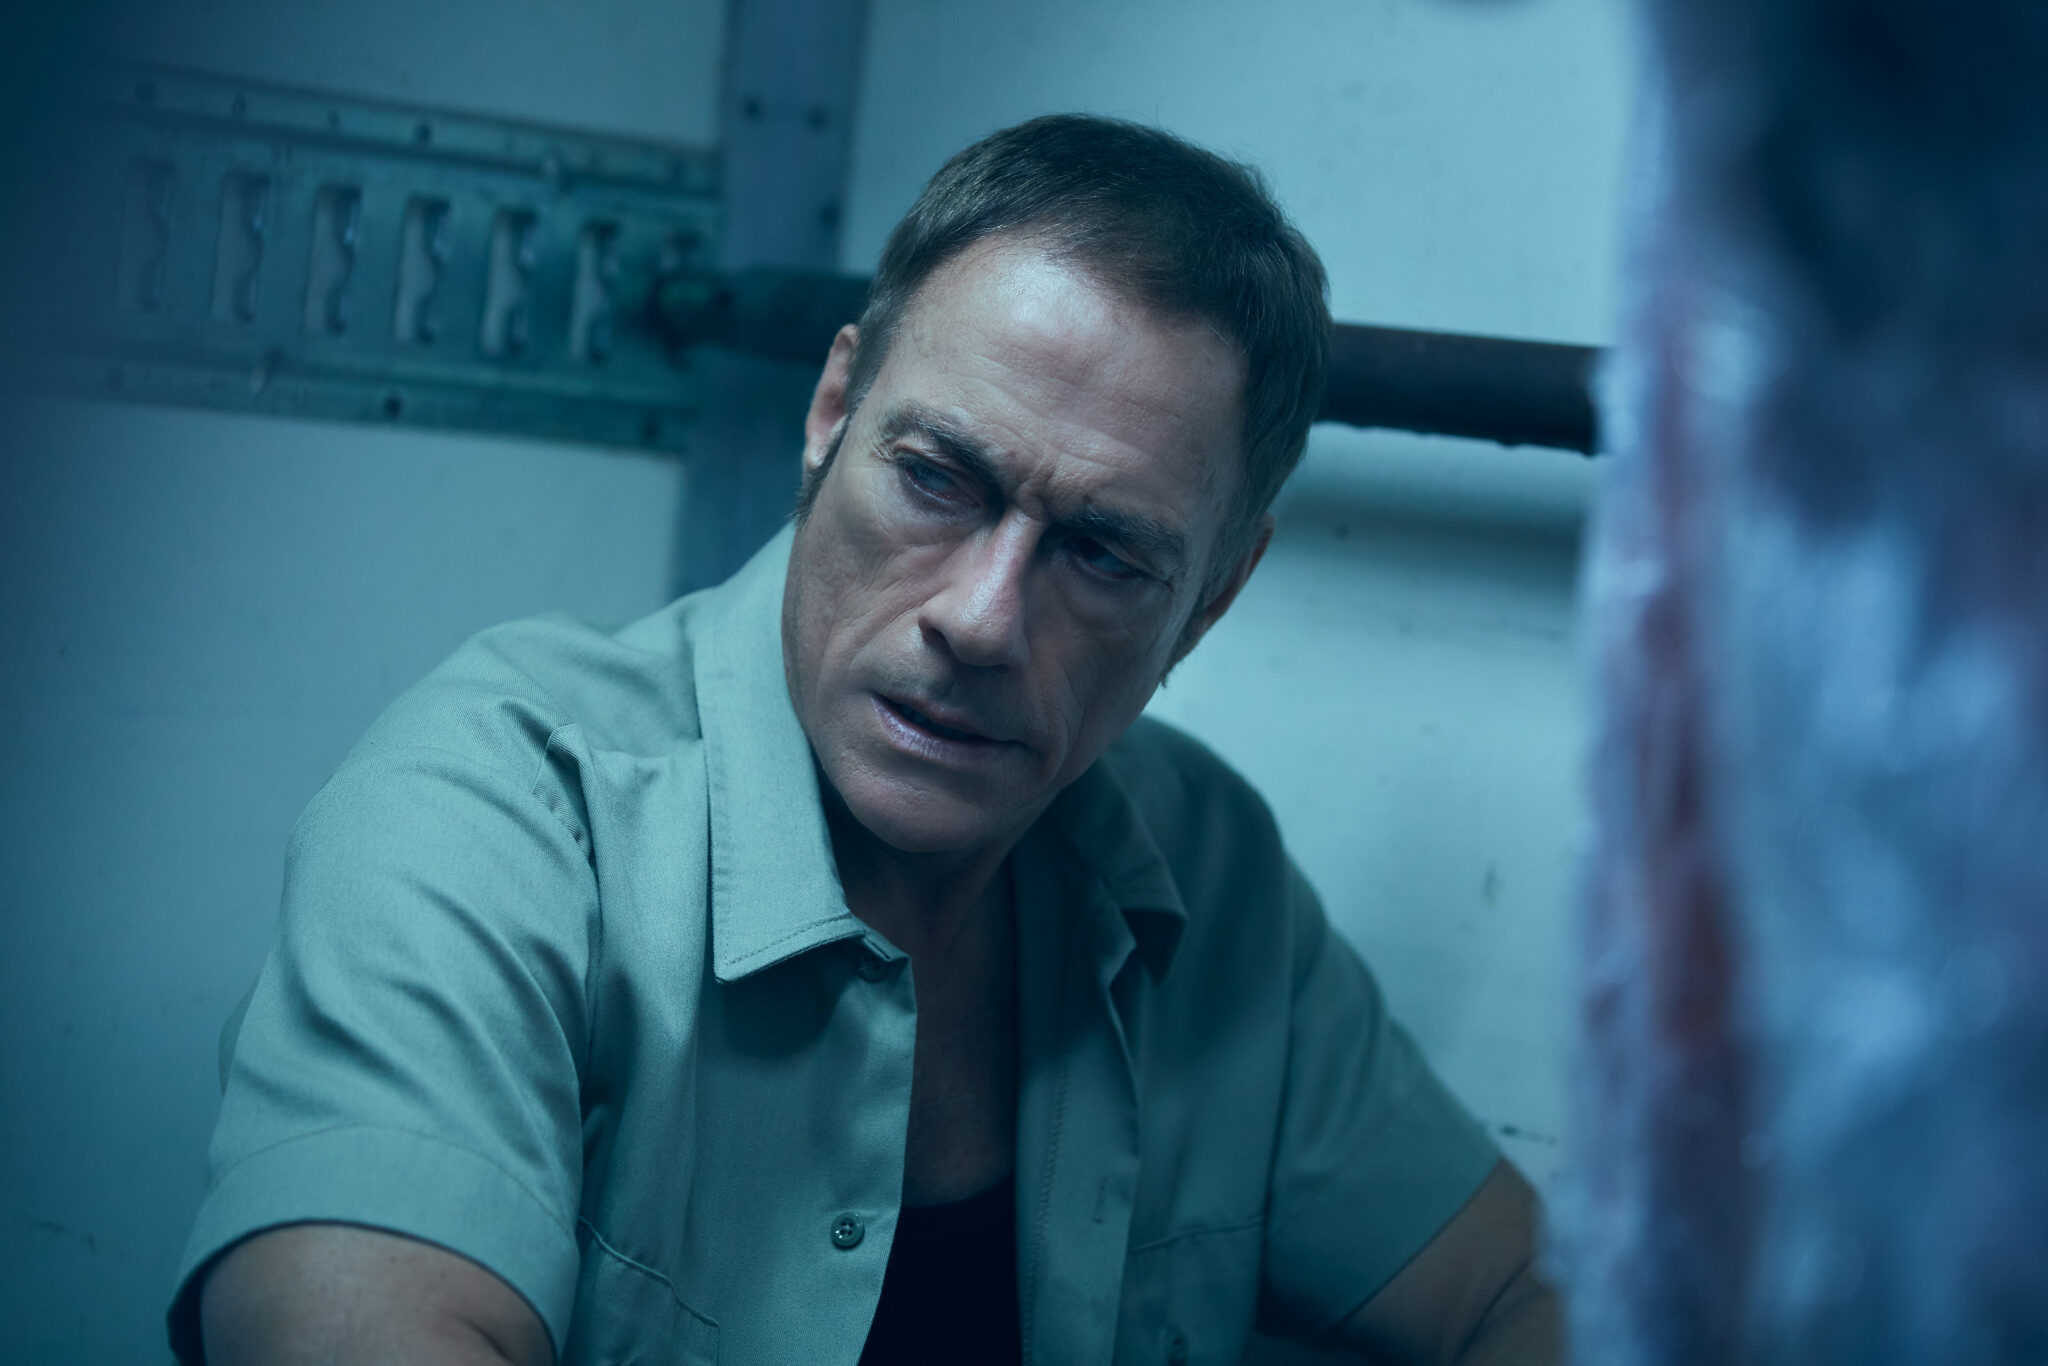 Jean-Claude Van Damme mit ernstem Gesichtsausdruck in einem grauen Kurzarmhemd